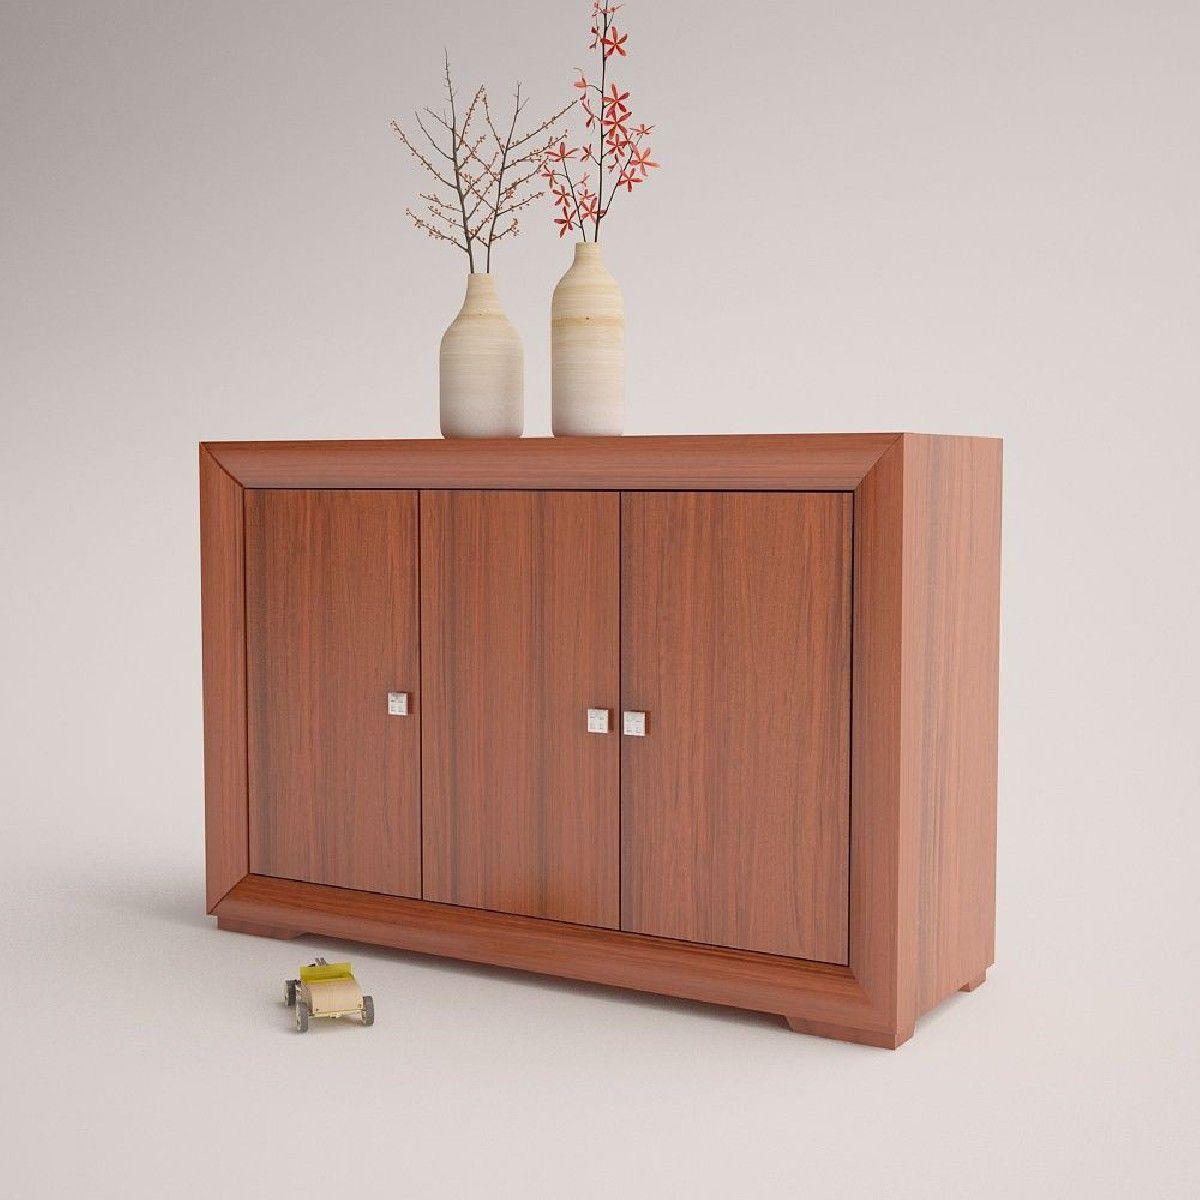 Taquillon aparador moderno de madera modelo cordoba 3 puertas tinte